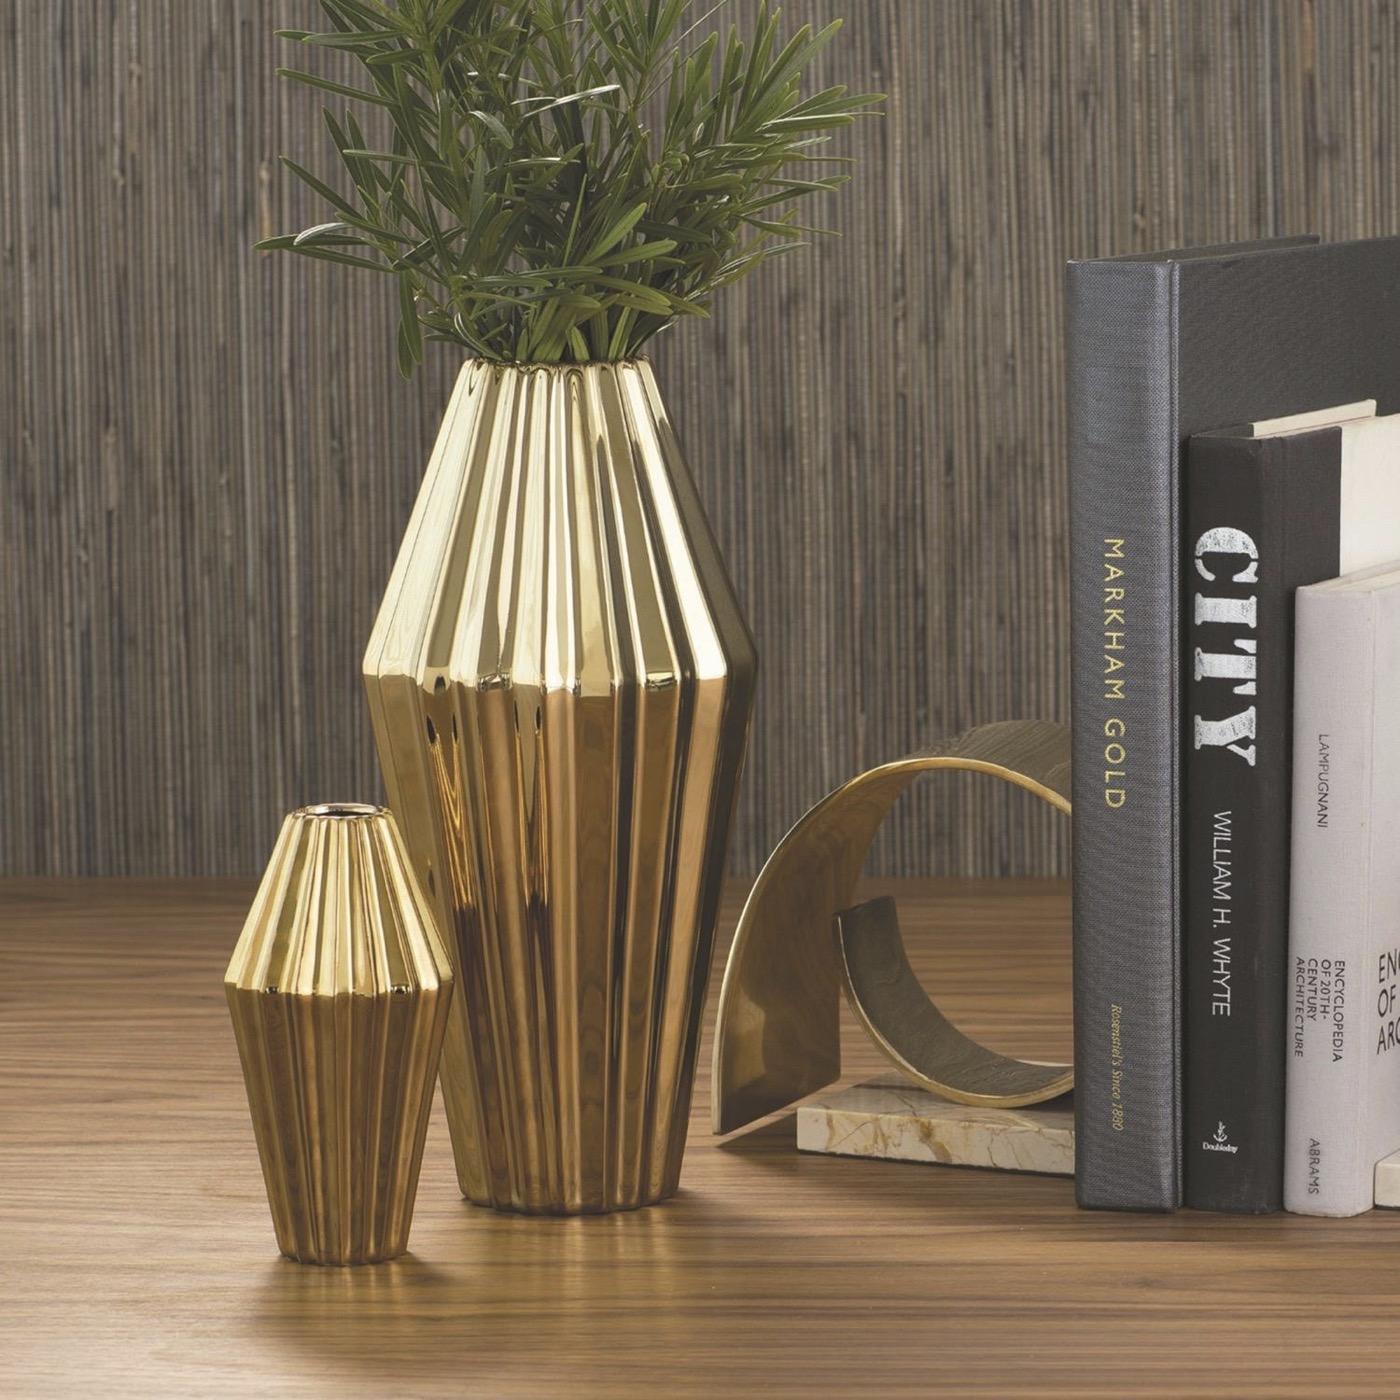 Paros Ceramic Vases | Gold